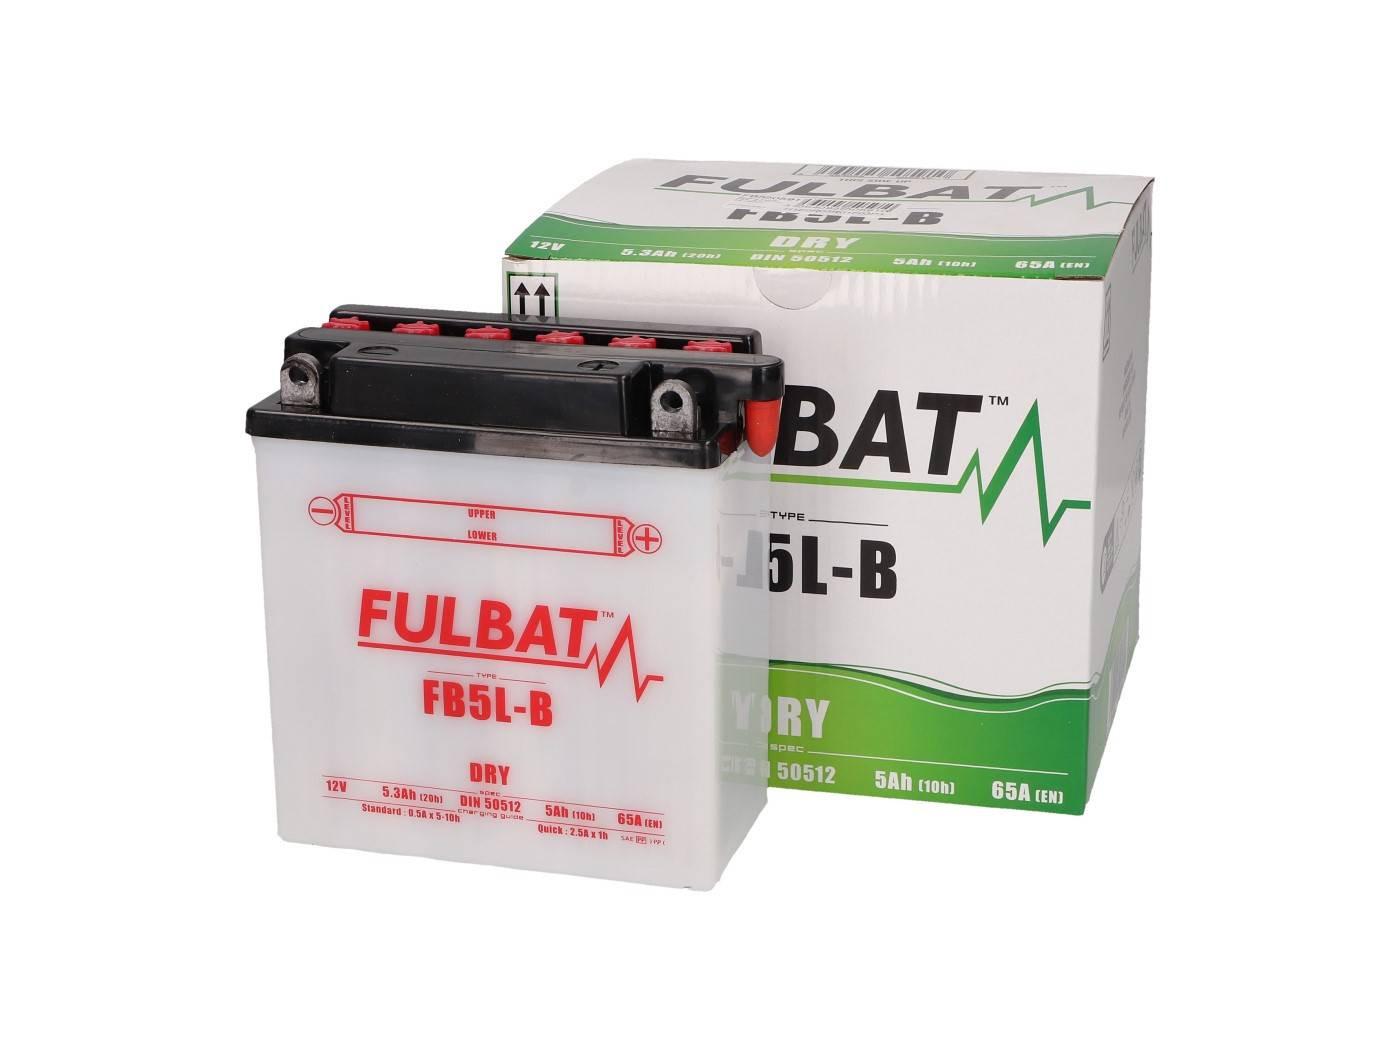 Fulbat FB5L-B DRY száraz akkumulátor + savcsomag